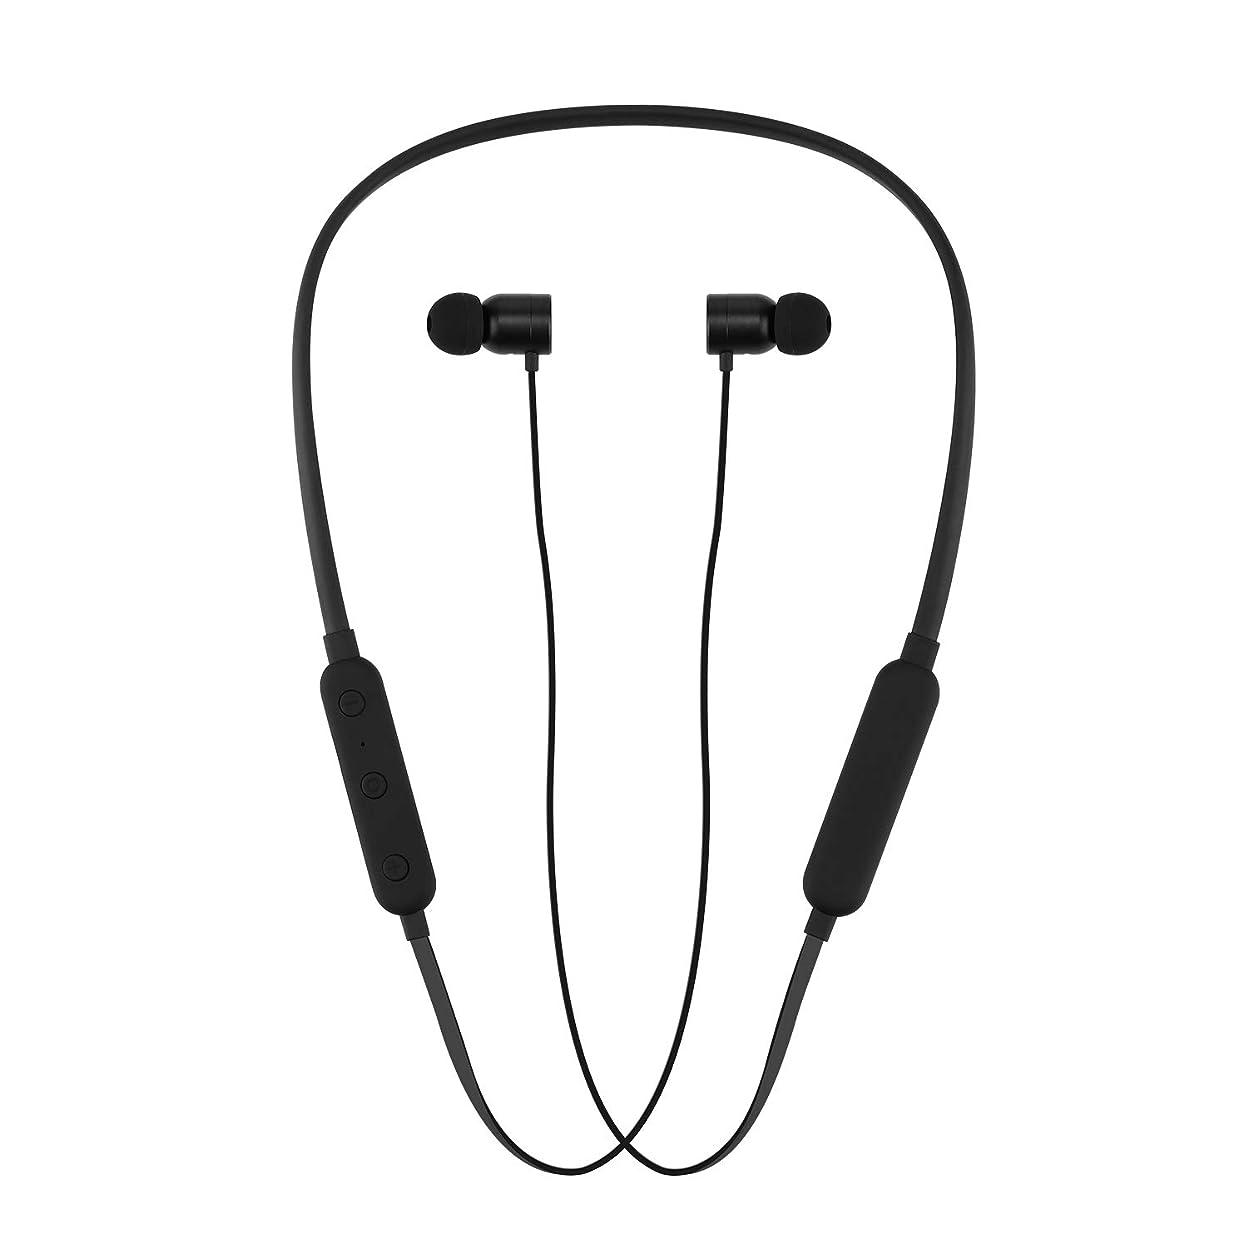 シリング比較遺体安置所Intkoot Bluetooth V4.1 イヤホン 磁気 ネックバンドイヤホン自動ペアリIPX5防水 Hi-Fi 高音質 マイク付き ノイズキャンセリング Bluetoothデバイスと互換性 超長時間連続再生採用 人間工学設計両耳 ワイヤレス ヘッドホン 防水 防塵 防汗スポーツ仕様 Bluetooth ヘッドホンiPhone、iPod、Android用 日本語説明書